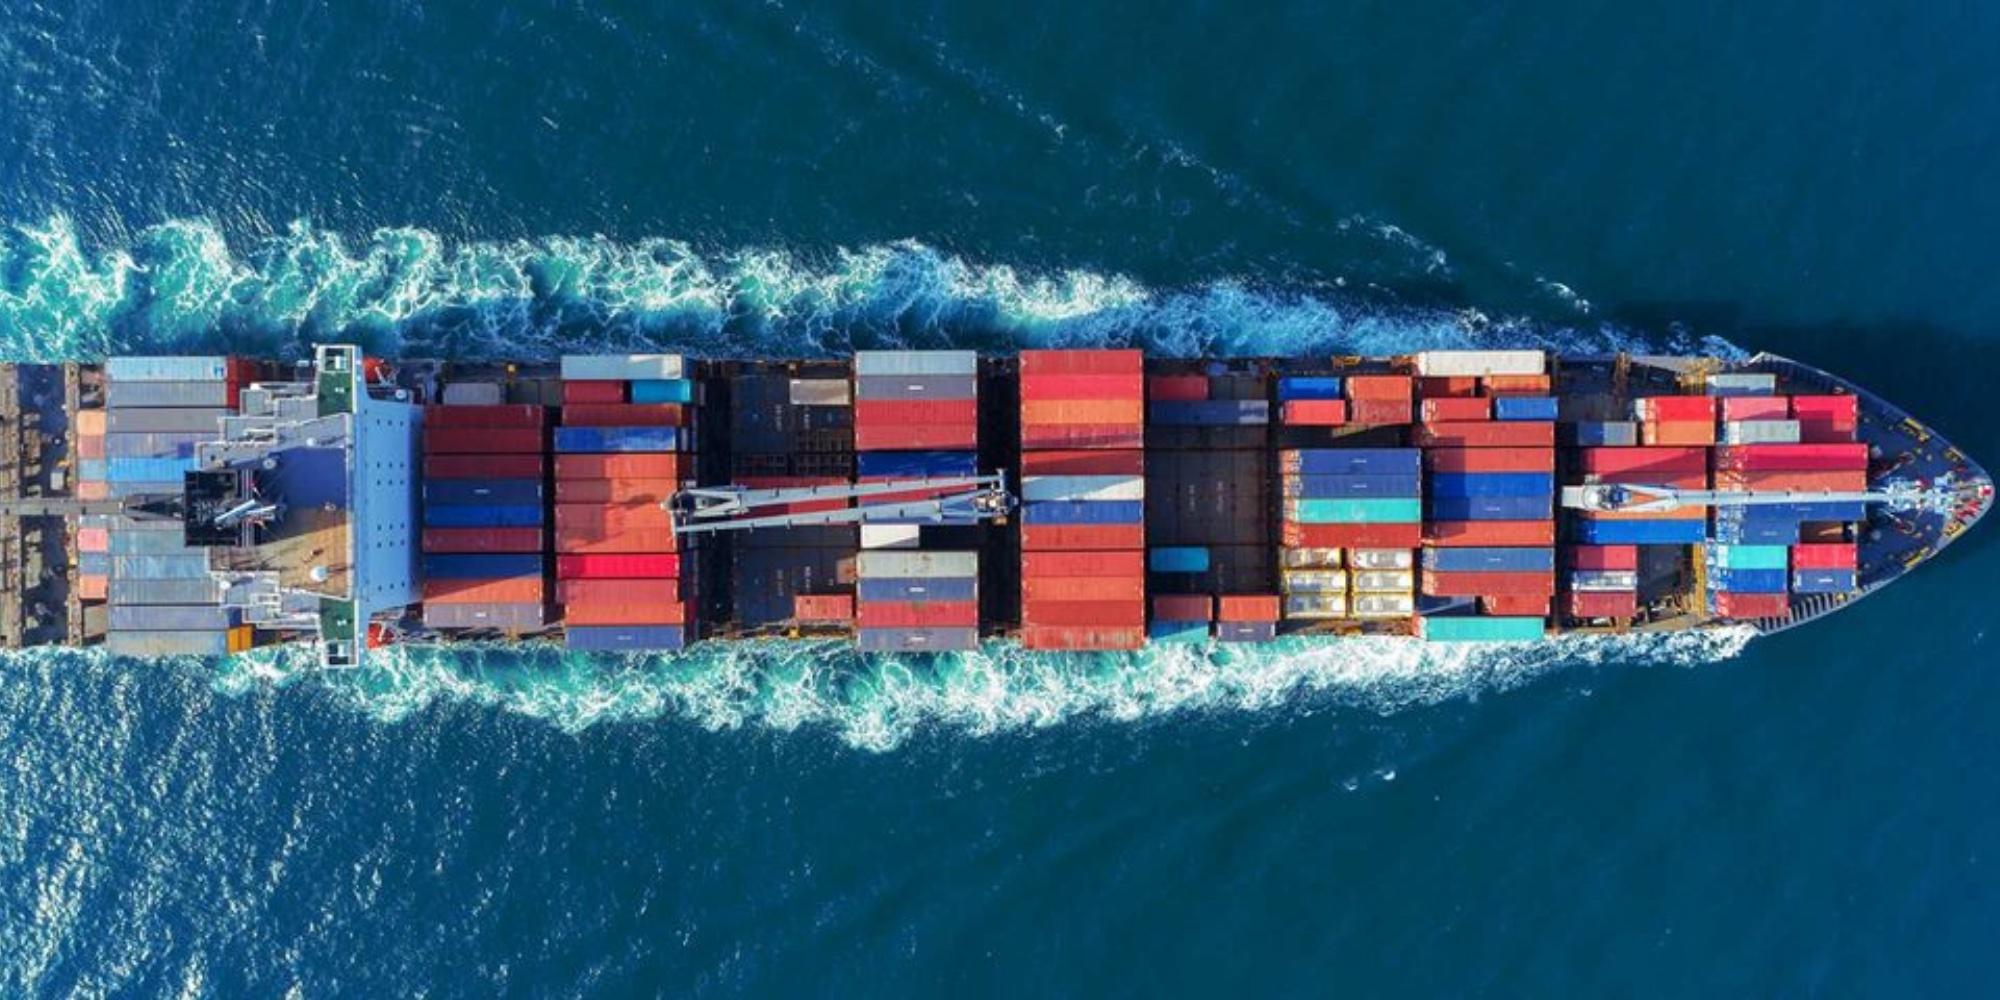 Kravu pārvadājumu piedāvājumi pa visu pasauli. Jūras kravu pārvadājumi